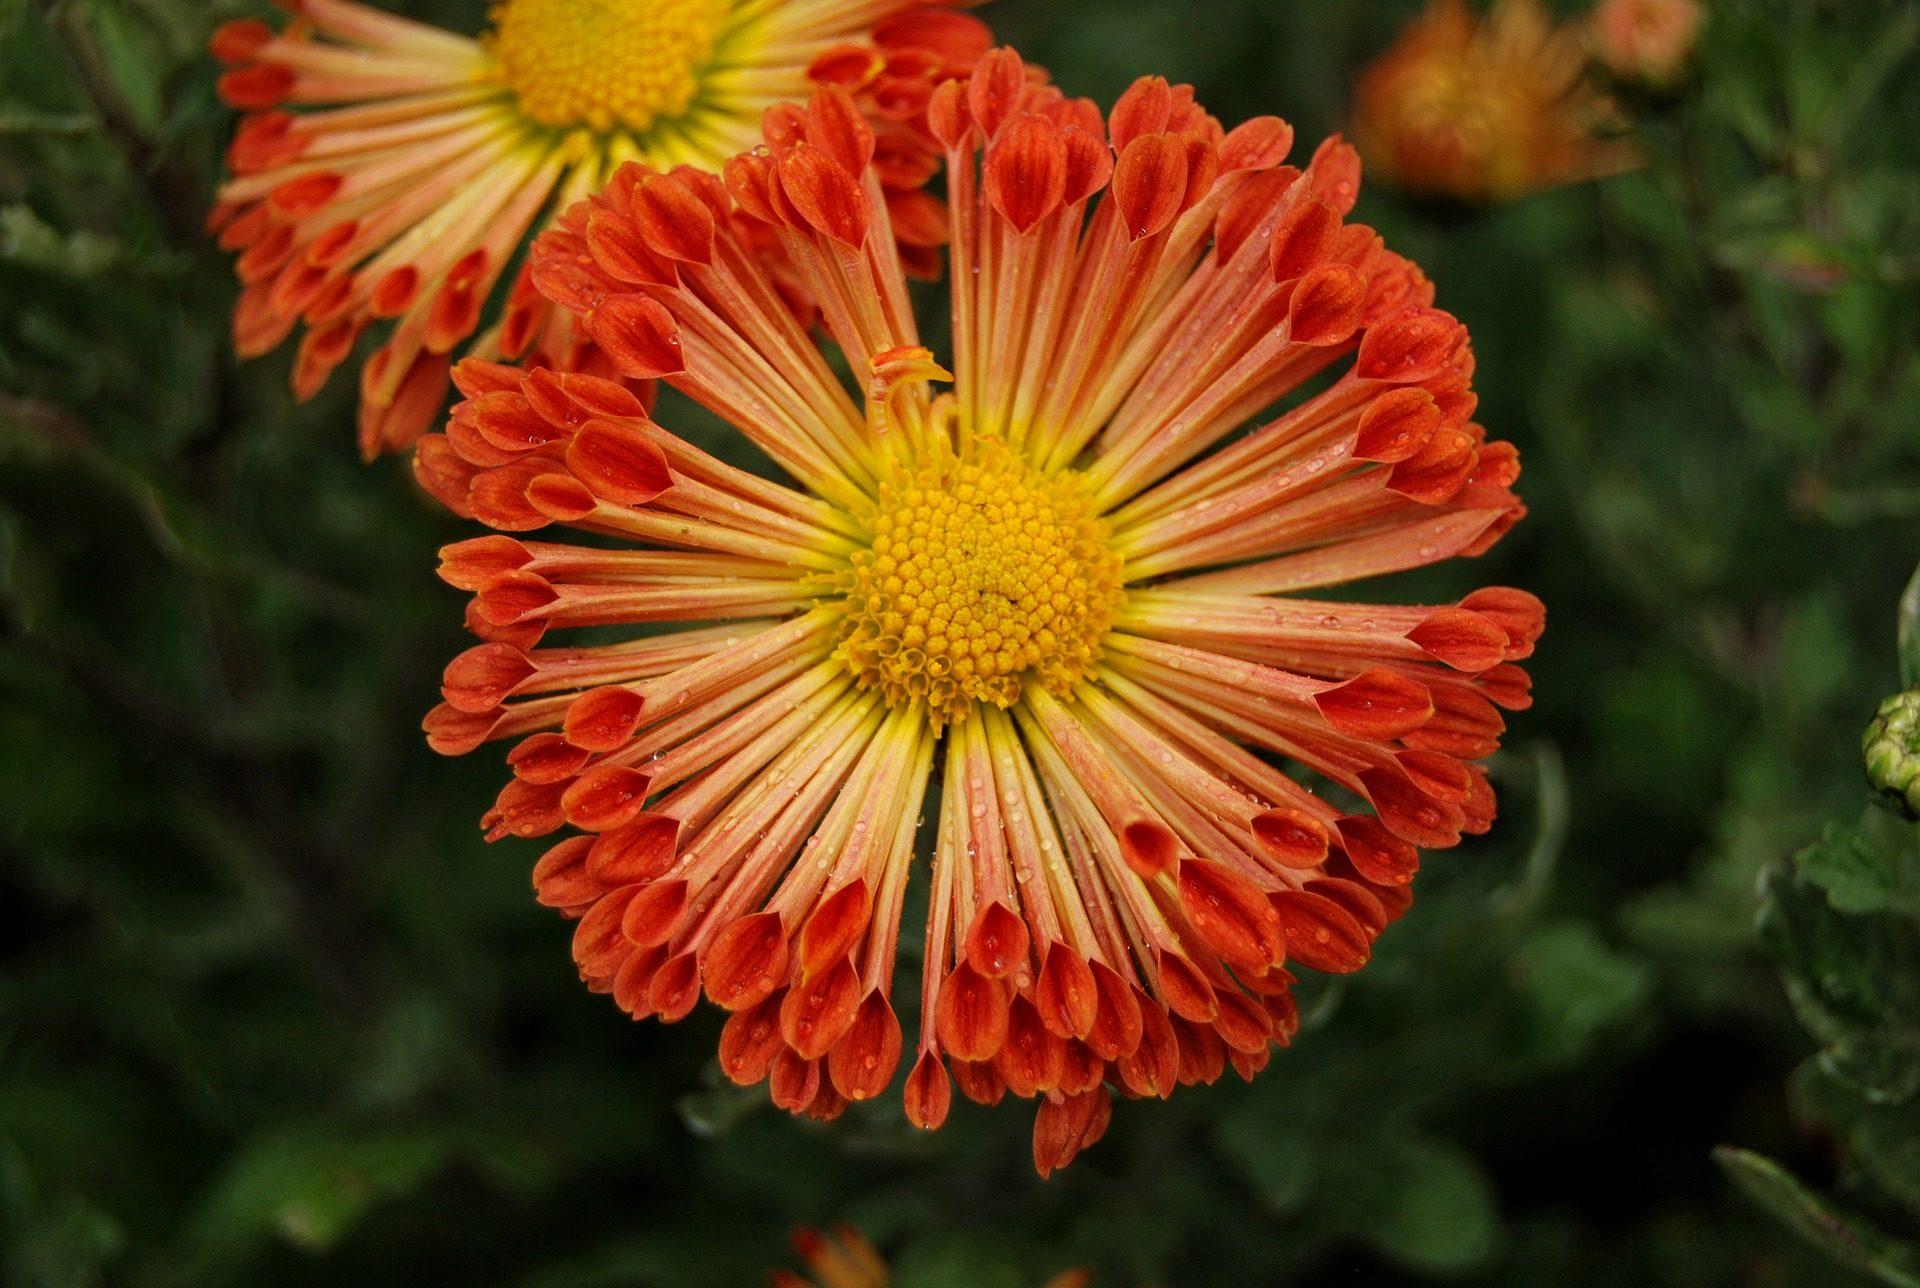 цветок, Хризантема, лепестки, тычинки, пестики, о - Обои HD - Профессор falken.com